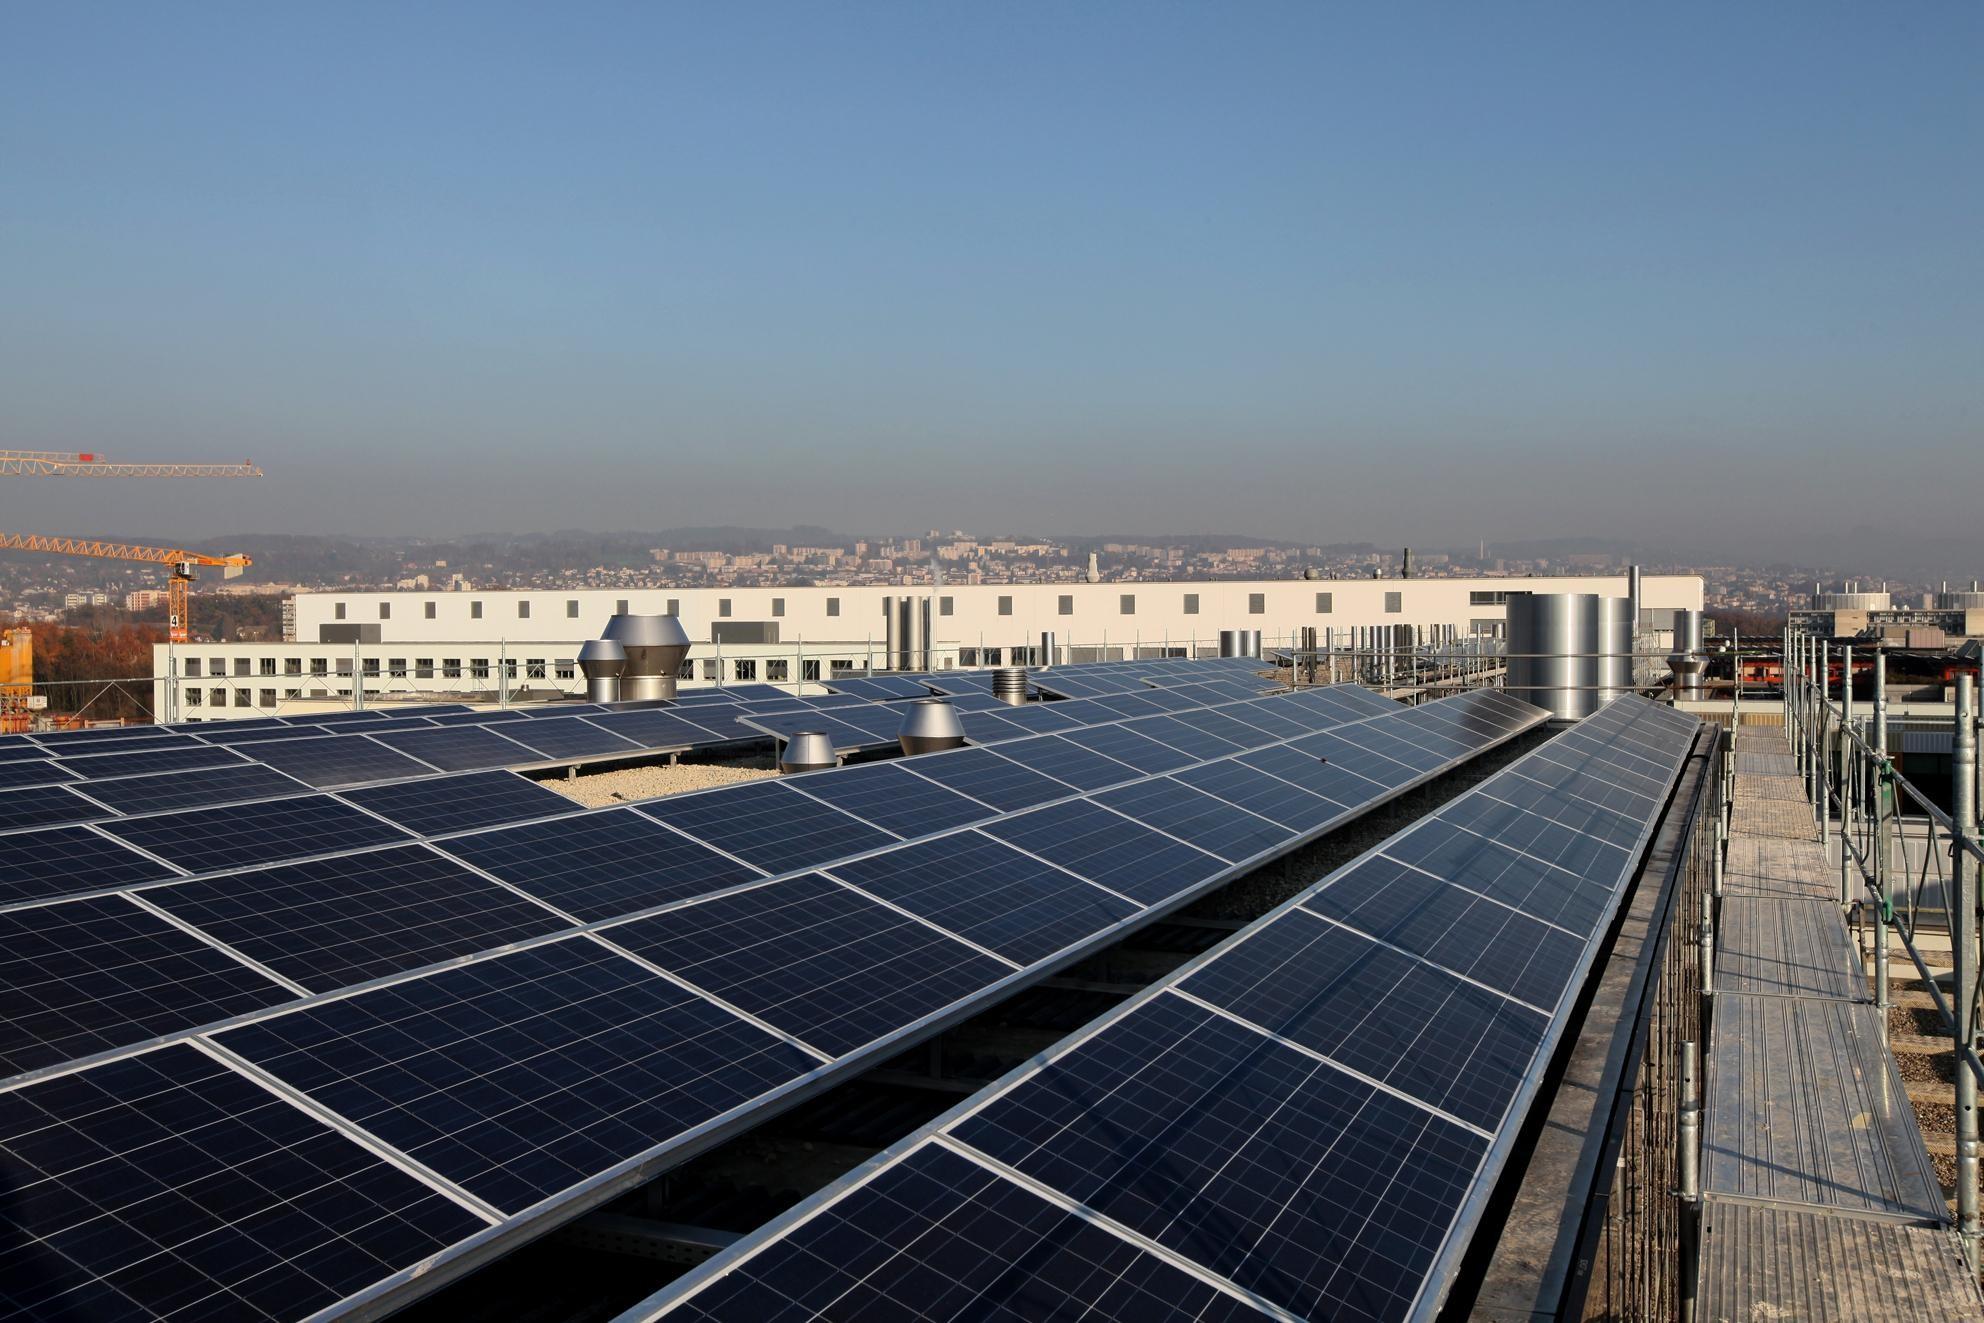 le-clanche-solar-panels